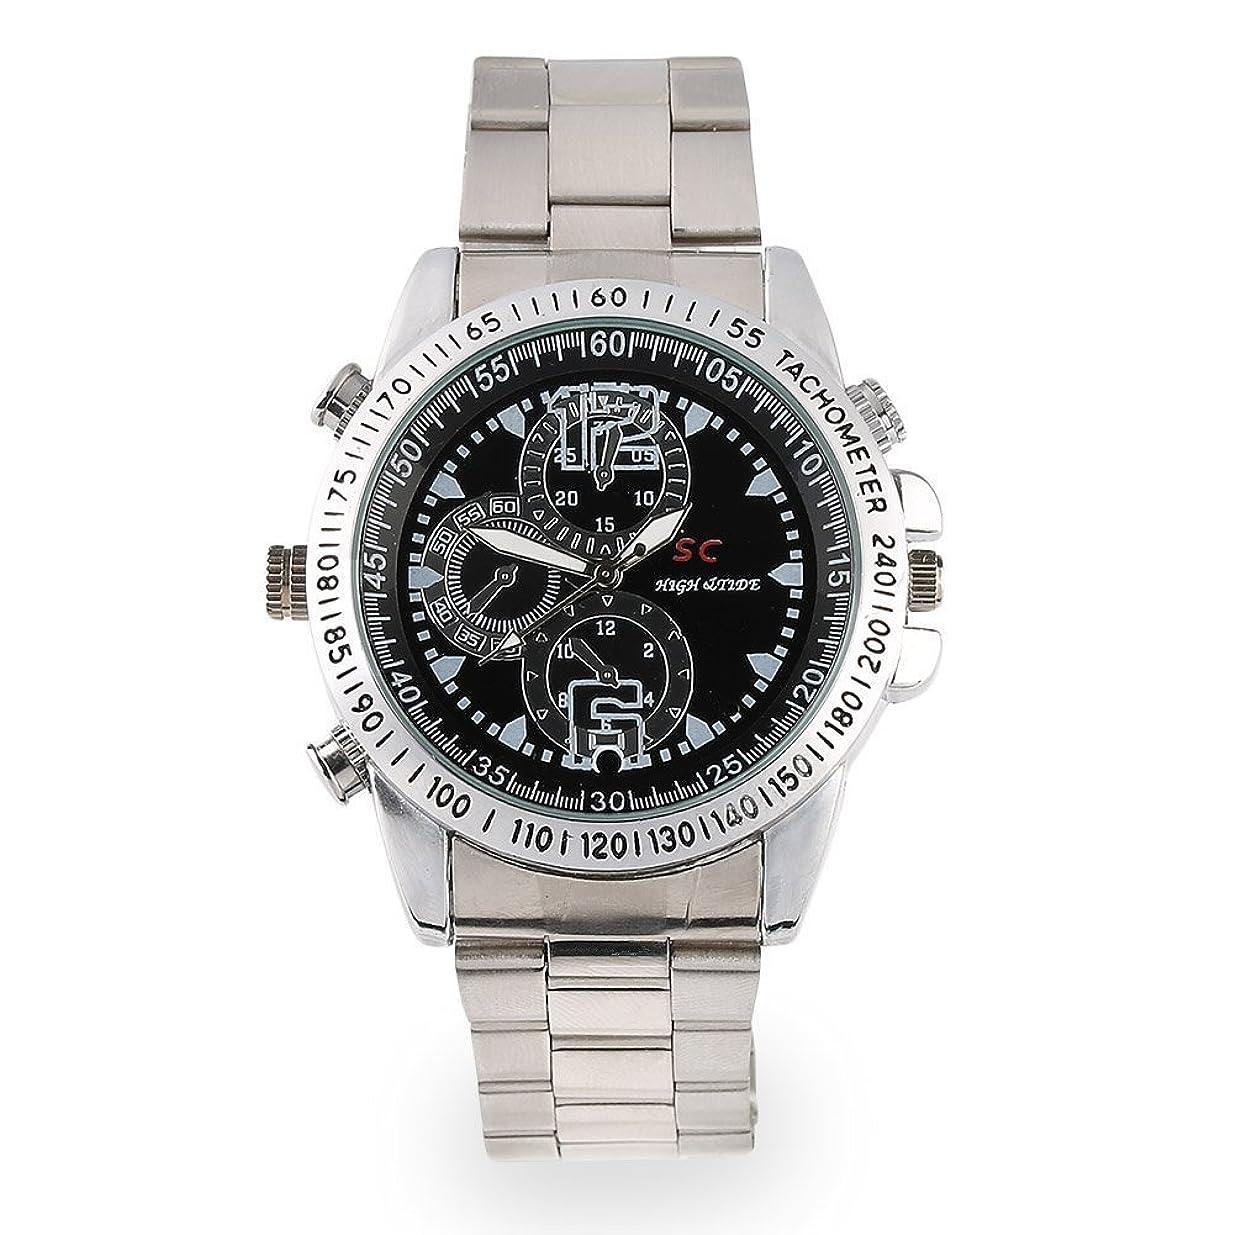 切手デンマーク語あからさま8GB デジタル腕時計 ビデオ&カメラ 防水型 写真画像度1280*960 小型ボイスレコーダー スパイカメラ 防犯